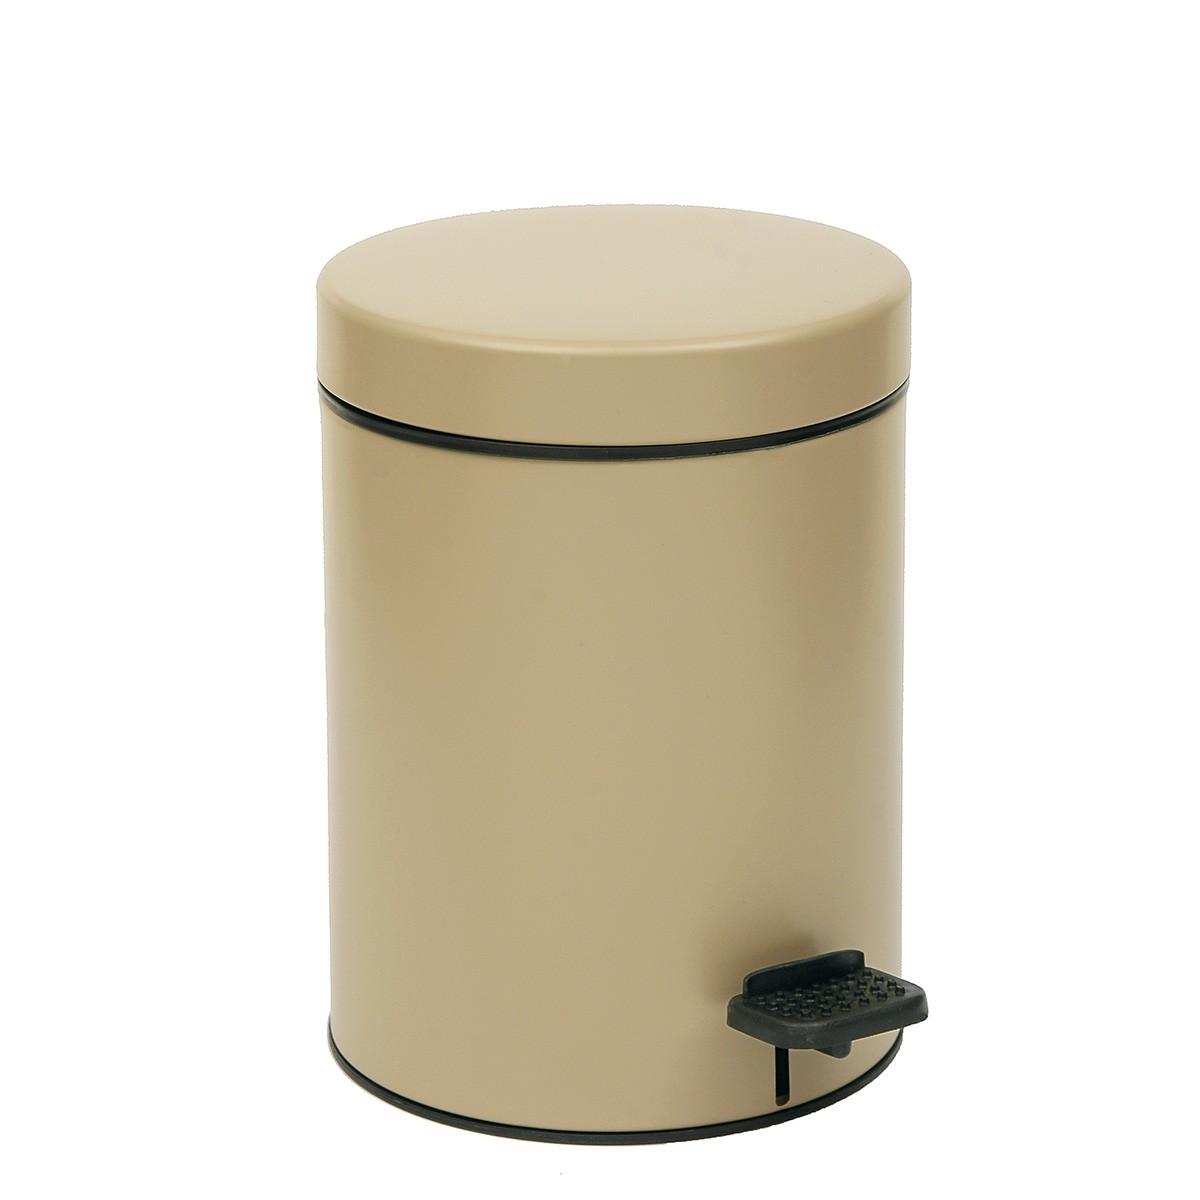 Κάδος Απορριμμάτων (18x25) PamCo 3Lit 605 Beige Matte home   μπάνιο   κάδοι απορριμμάτων